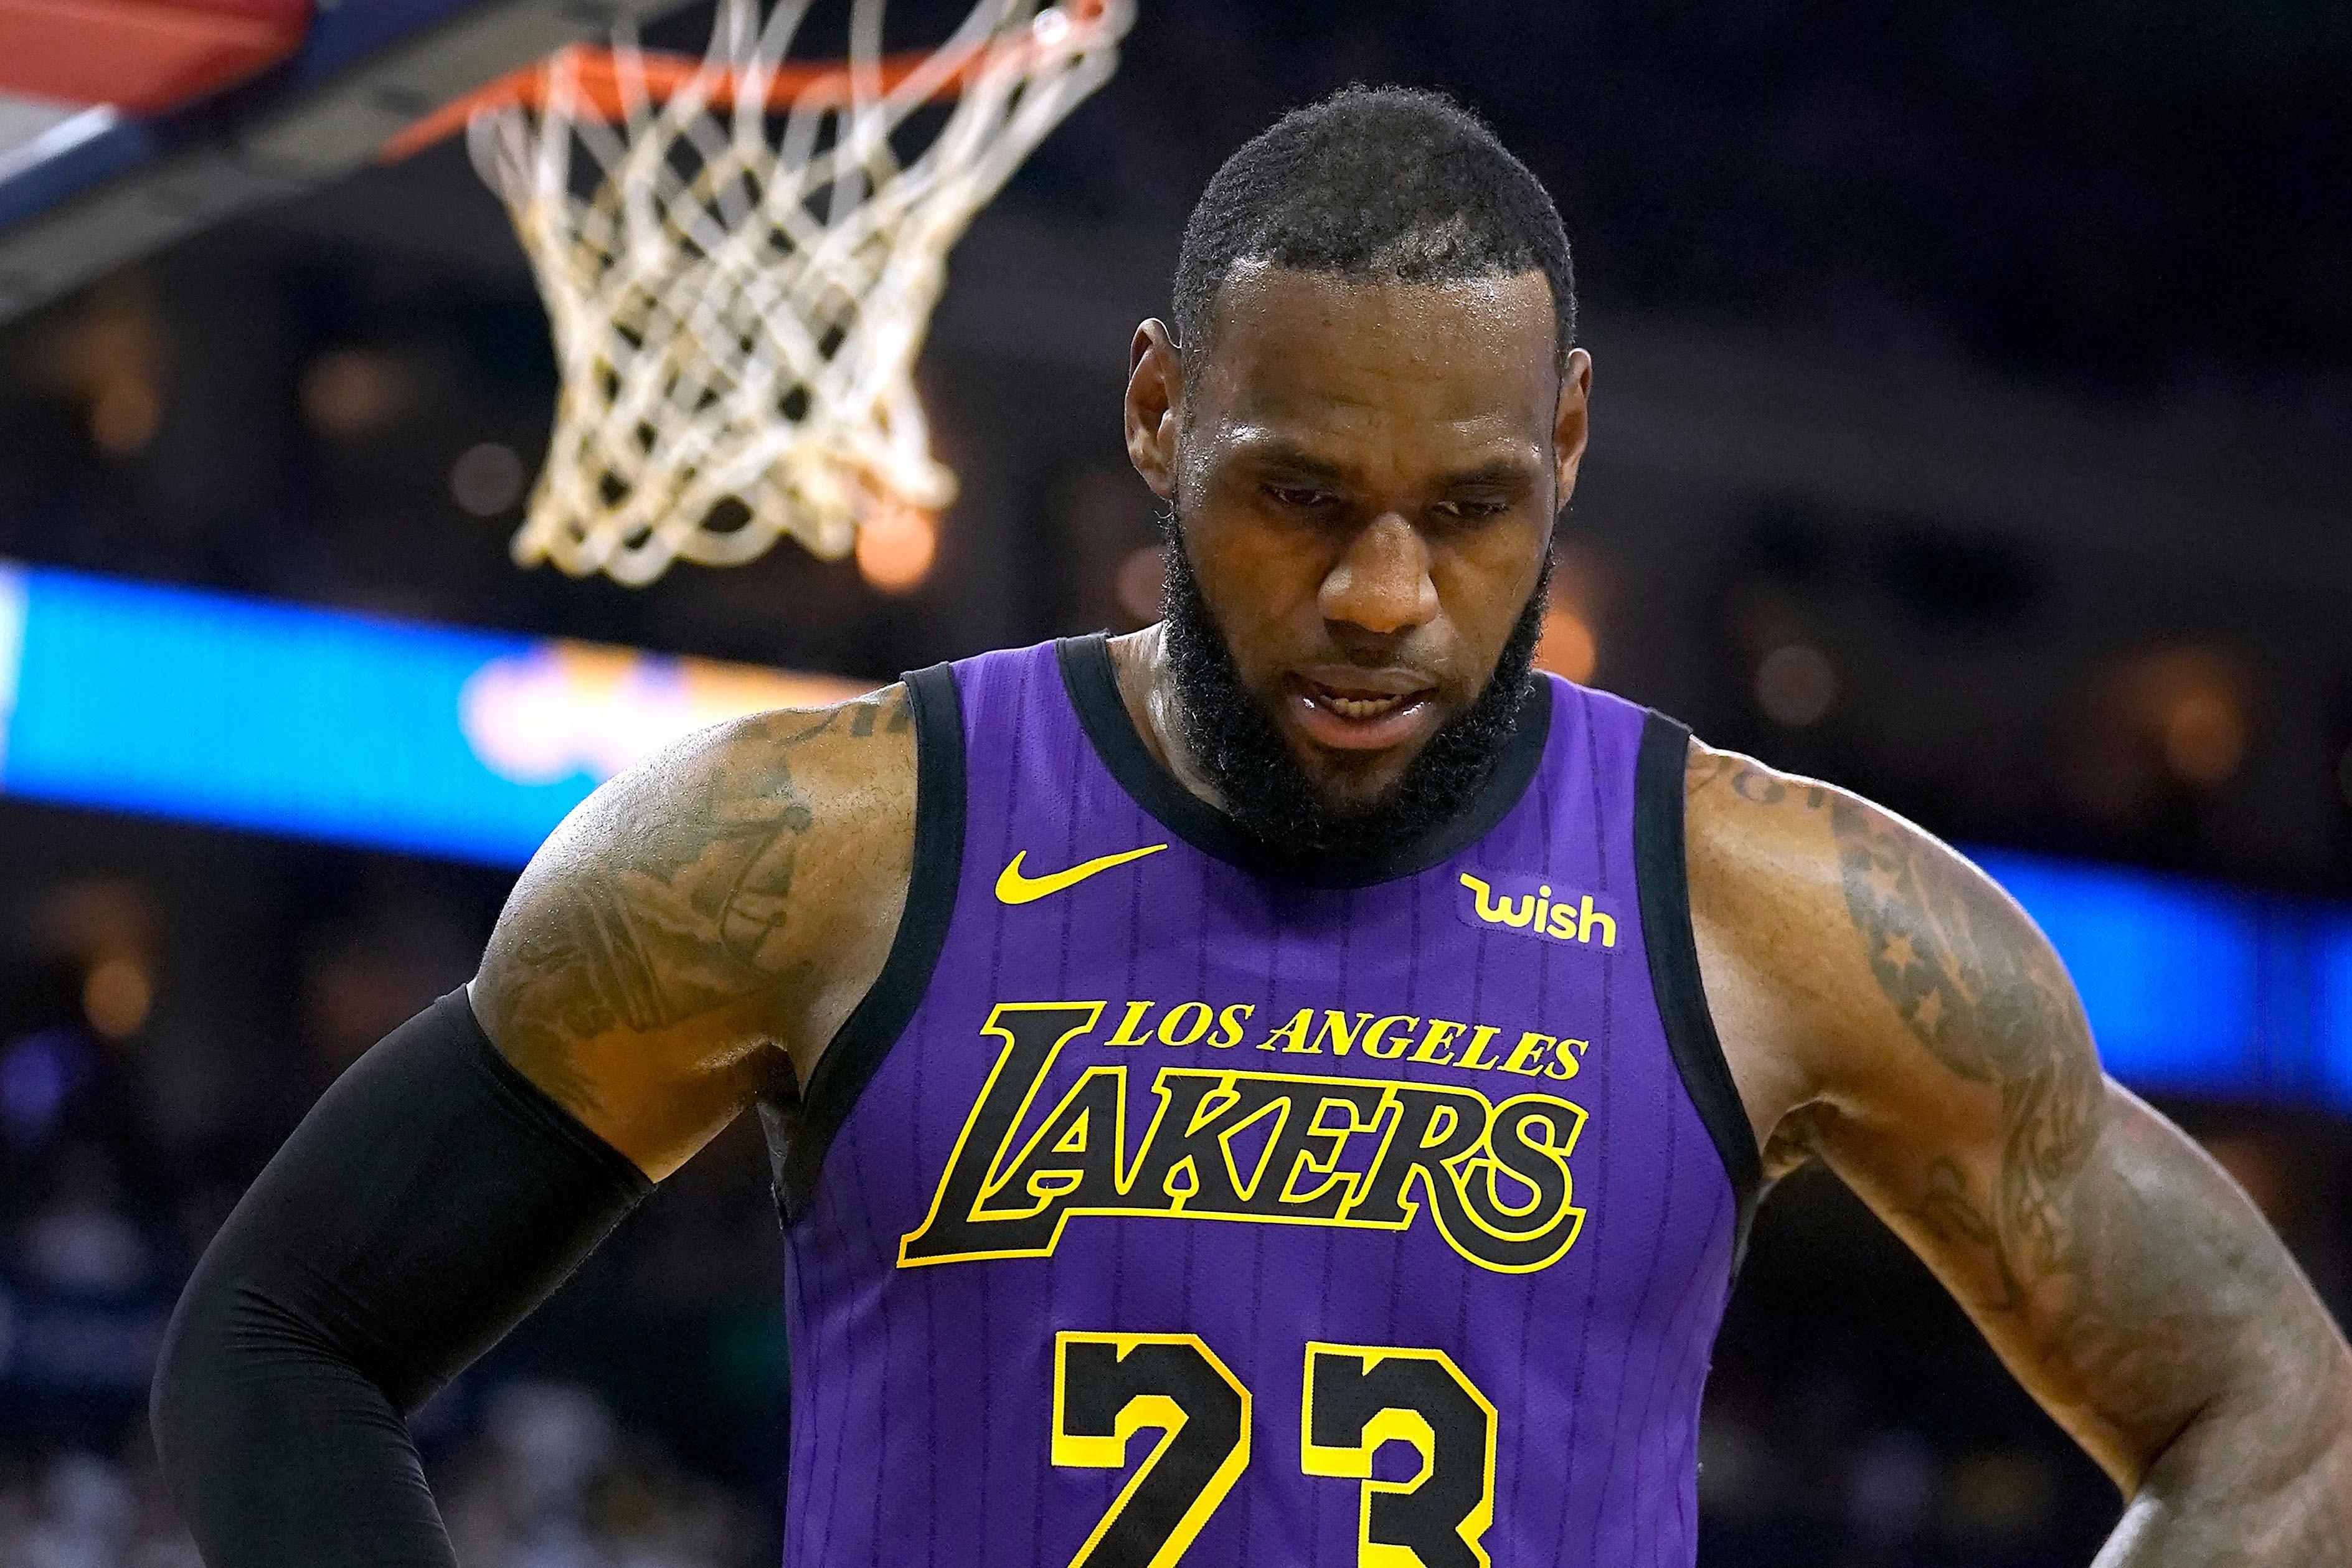 ea7b6d500013f5 LeBron James no jugará el jueves contra los Minnesota Timberwolves de  acuerdo con el entrenador de Los Angeles Lakers, Luke Walton, extendiendo  la ausencia ...